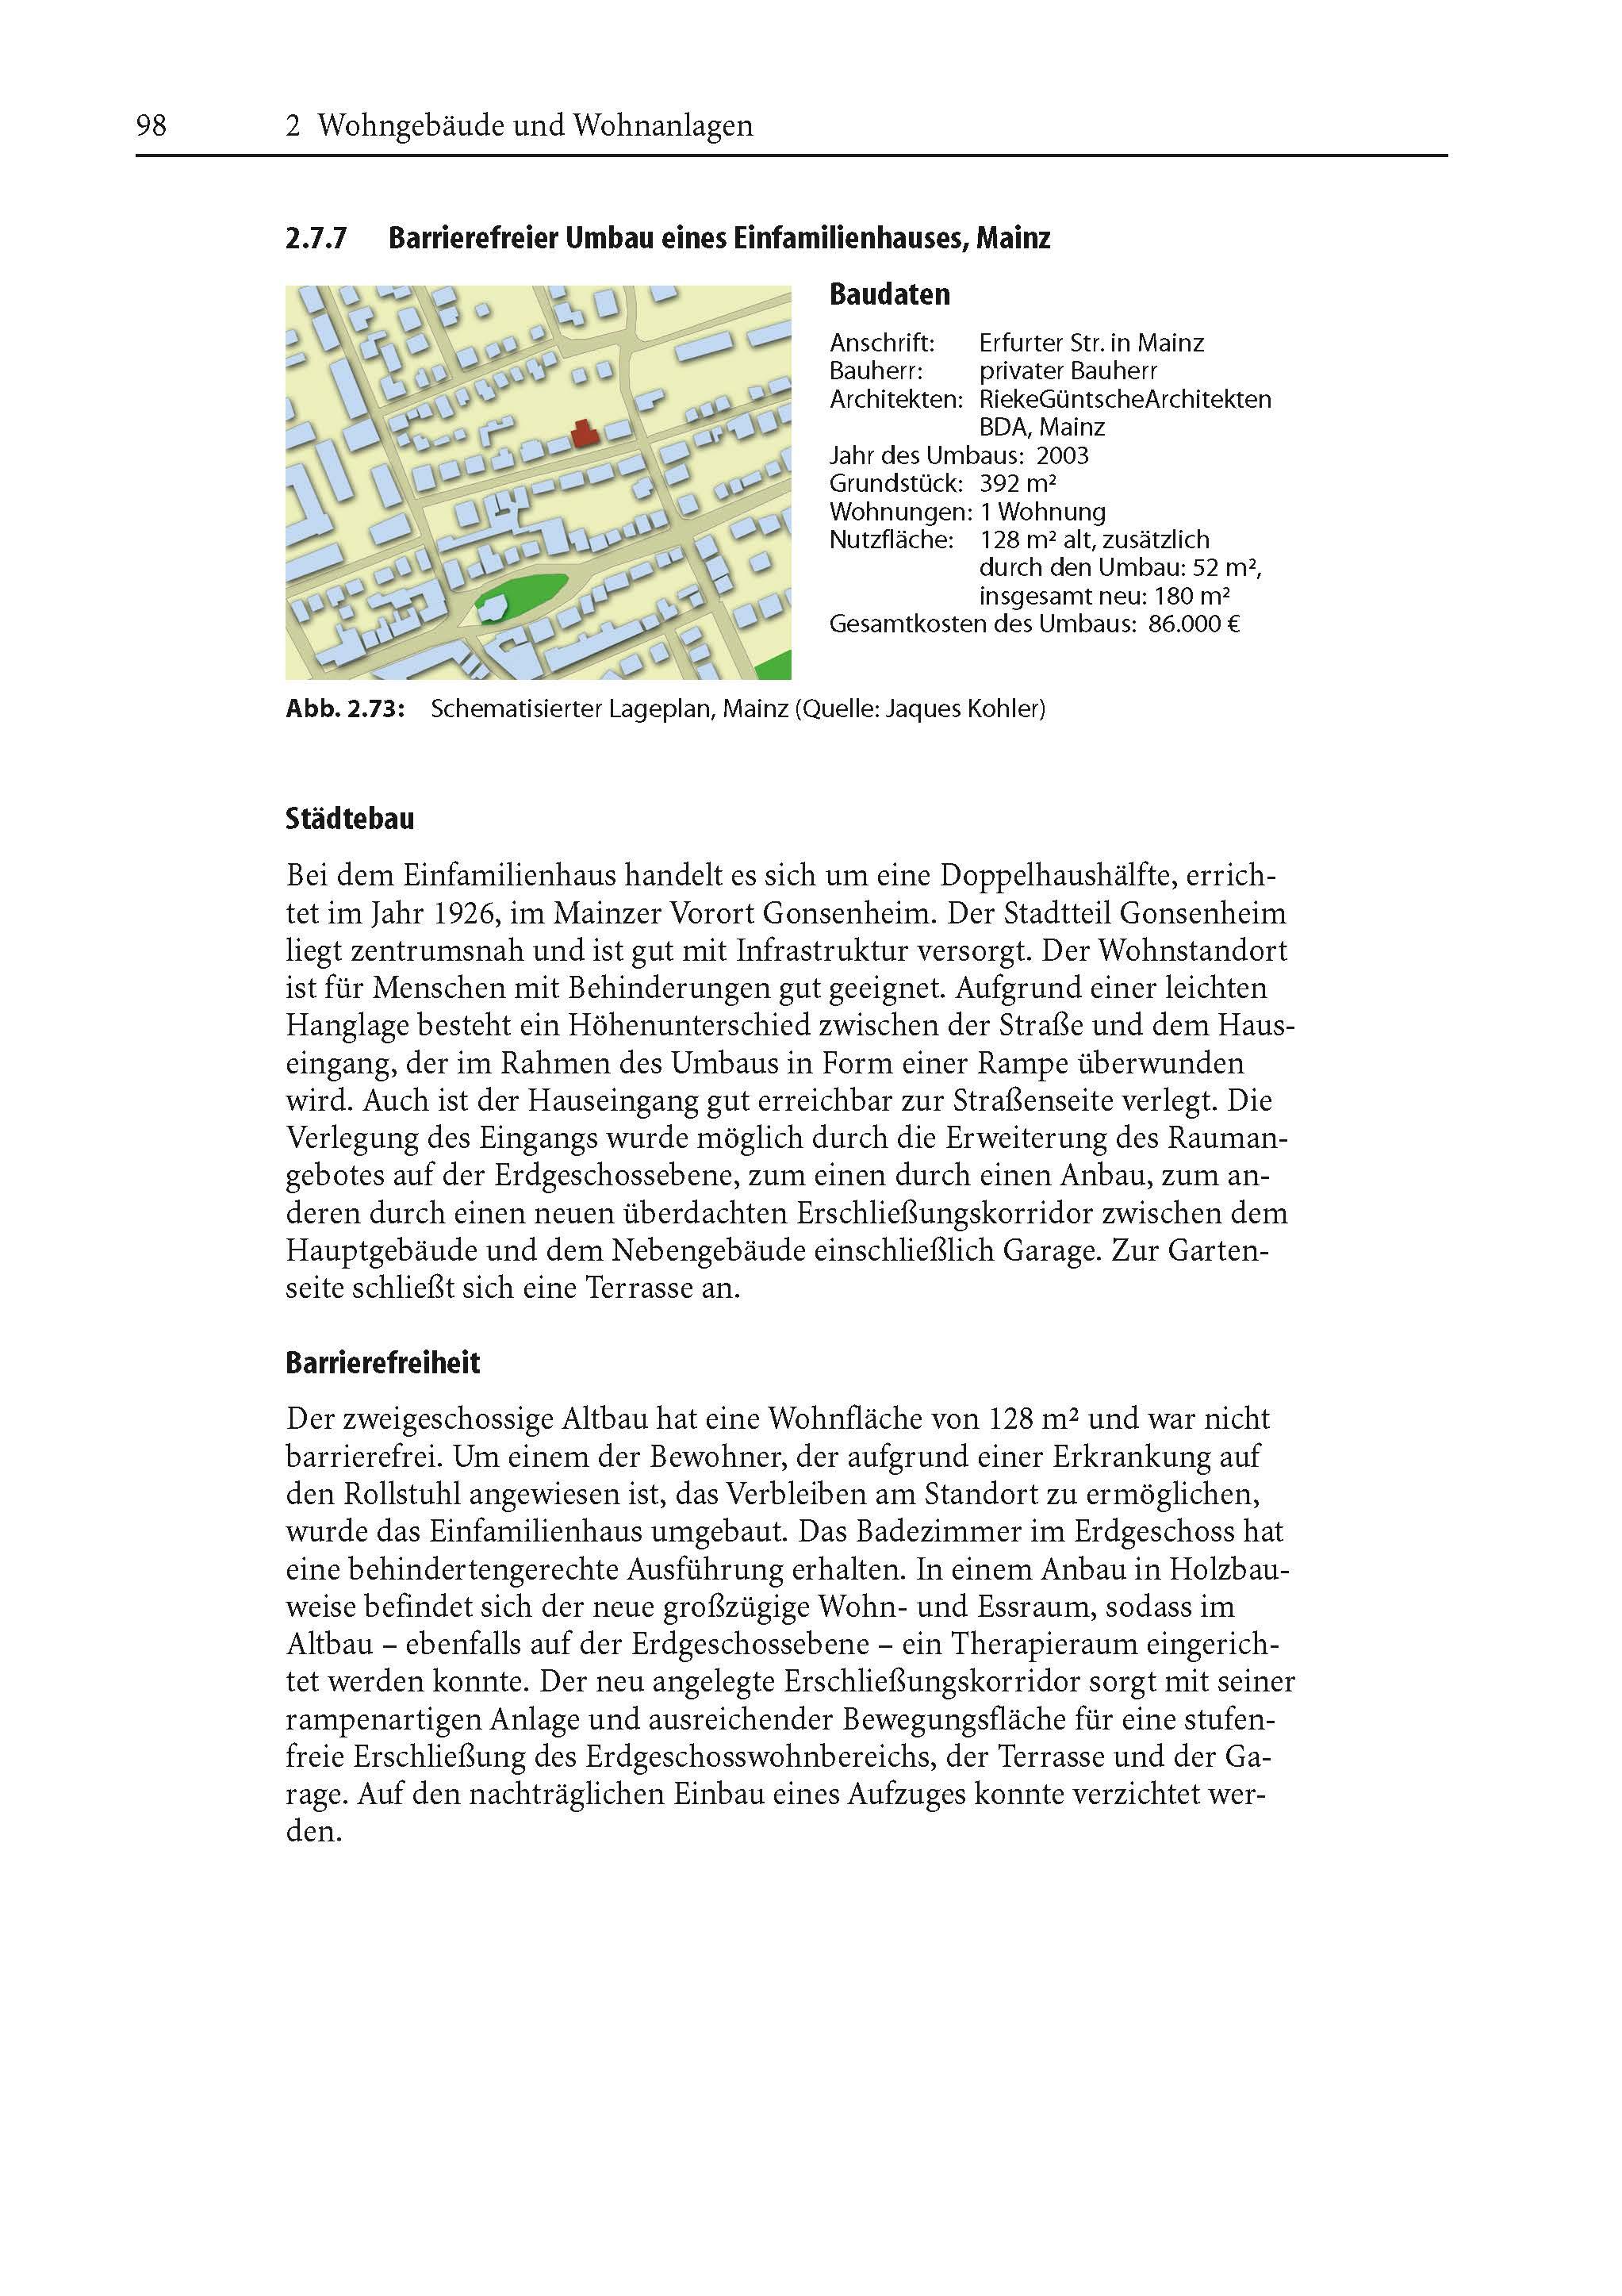 """Auszug aus """"Handbuch barrierefreies Bauen"""""""